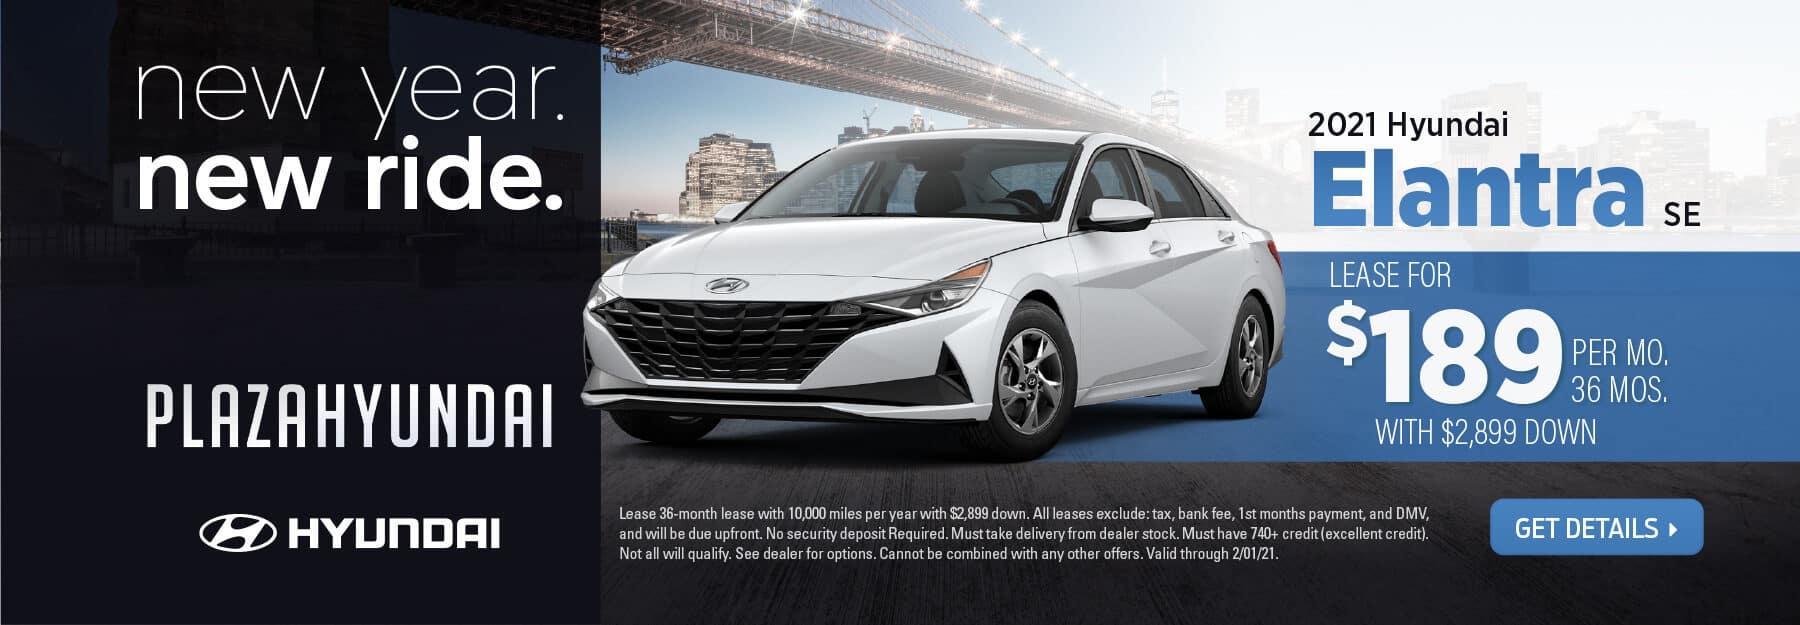 2021.01.19-Plaza-Hyundai-JAN-Web-2-S50489mr-1